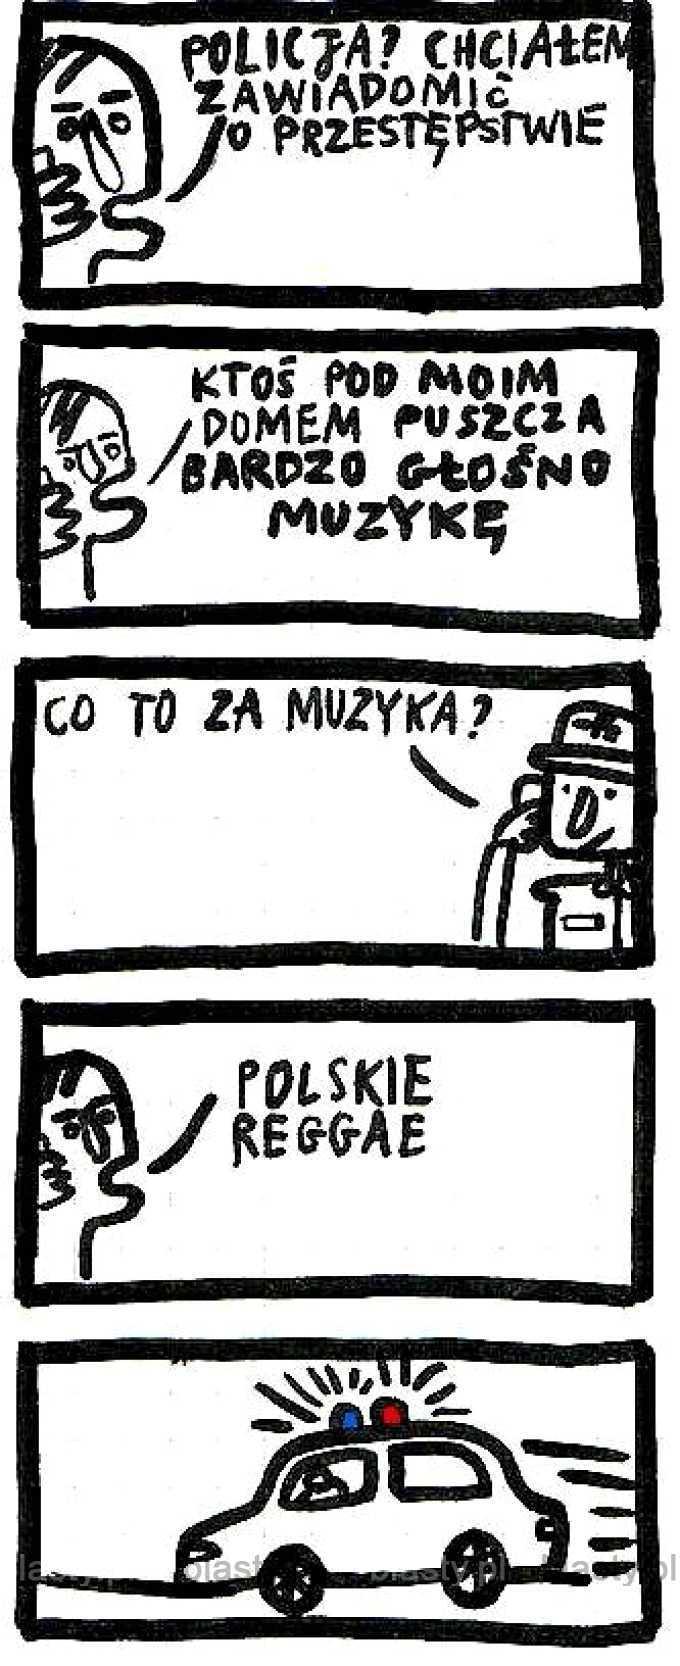 Kiedy ktoś słucha polskiego reggae